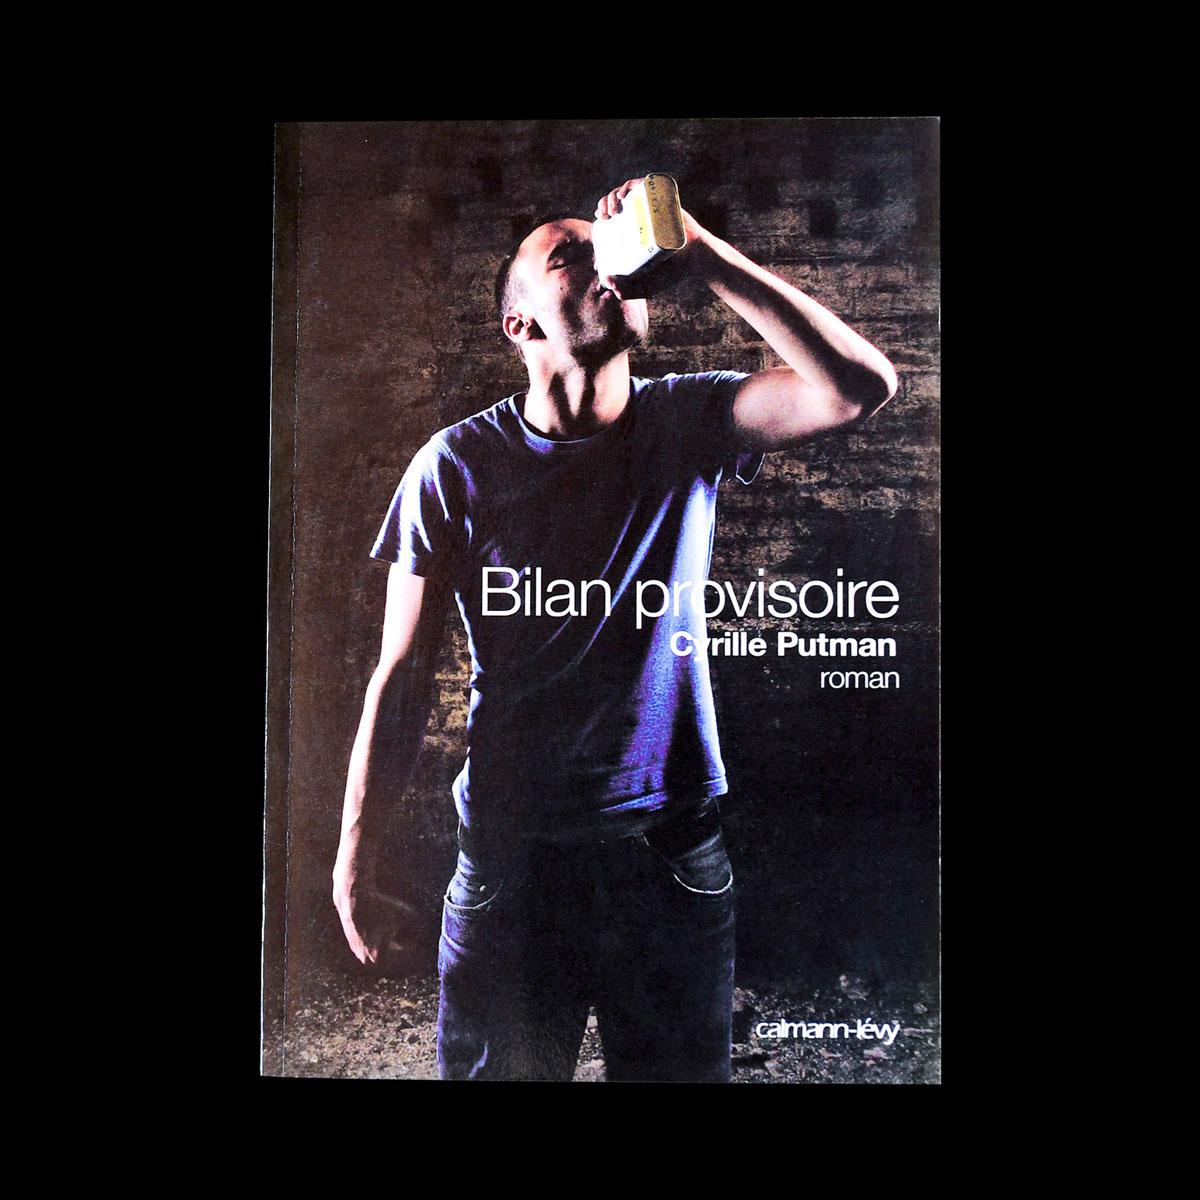 Bilan provisoire, Cyrille Putman, Éditions Calmann-Levy, 2007.